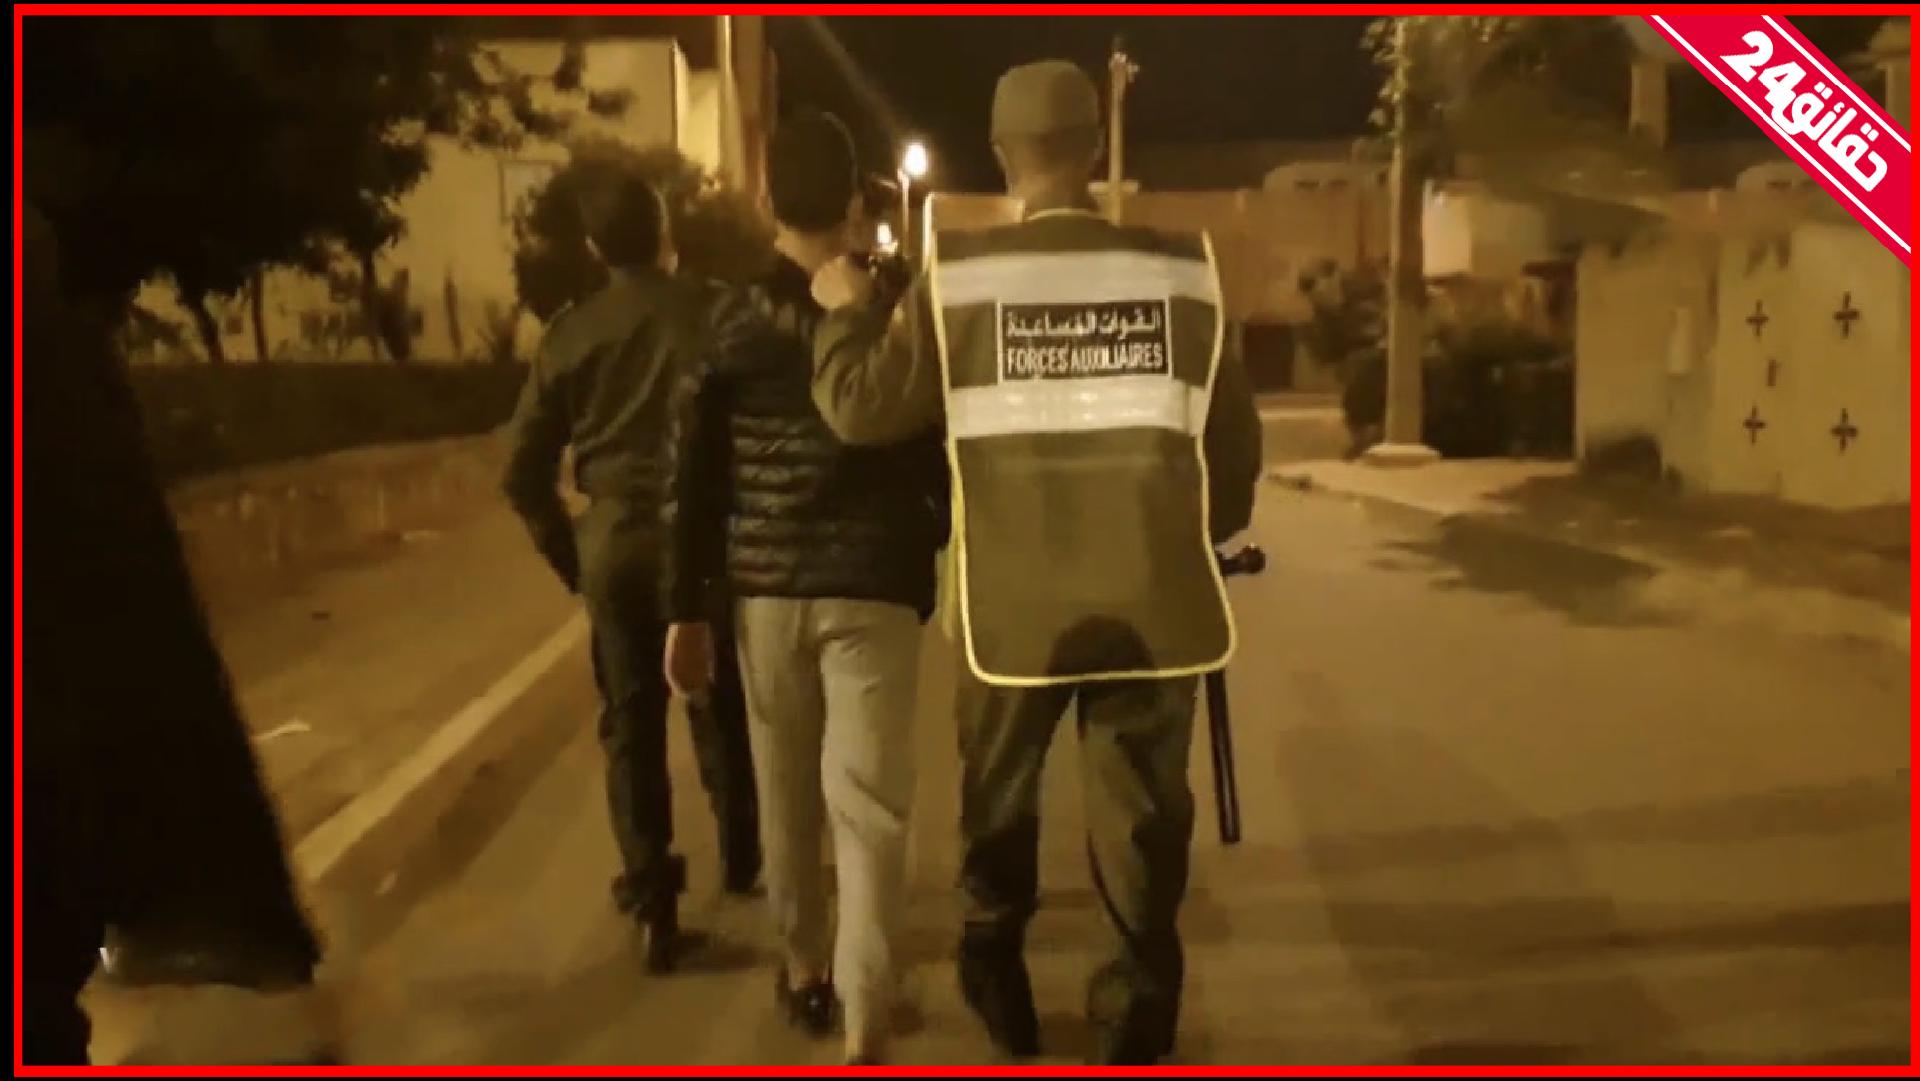 صورة أكادير | أعمال شغب رافقت احتجاجات التراويح بحي تدارت بأنزا